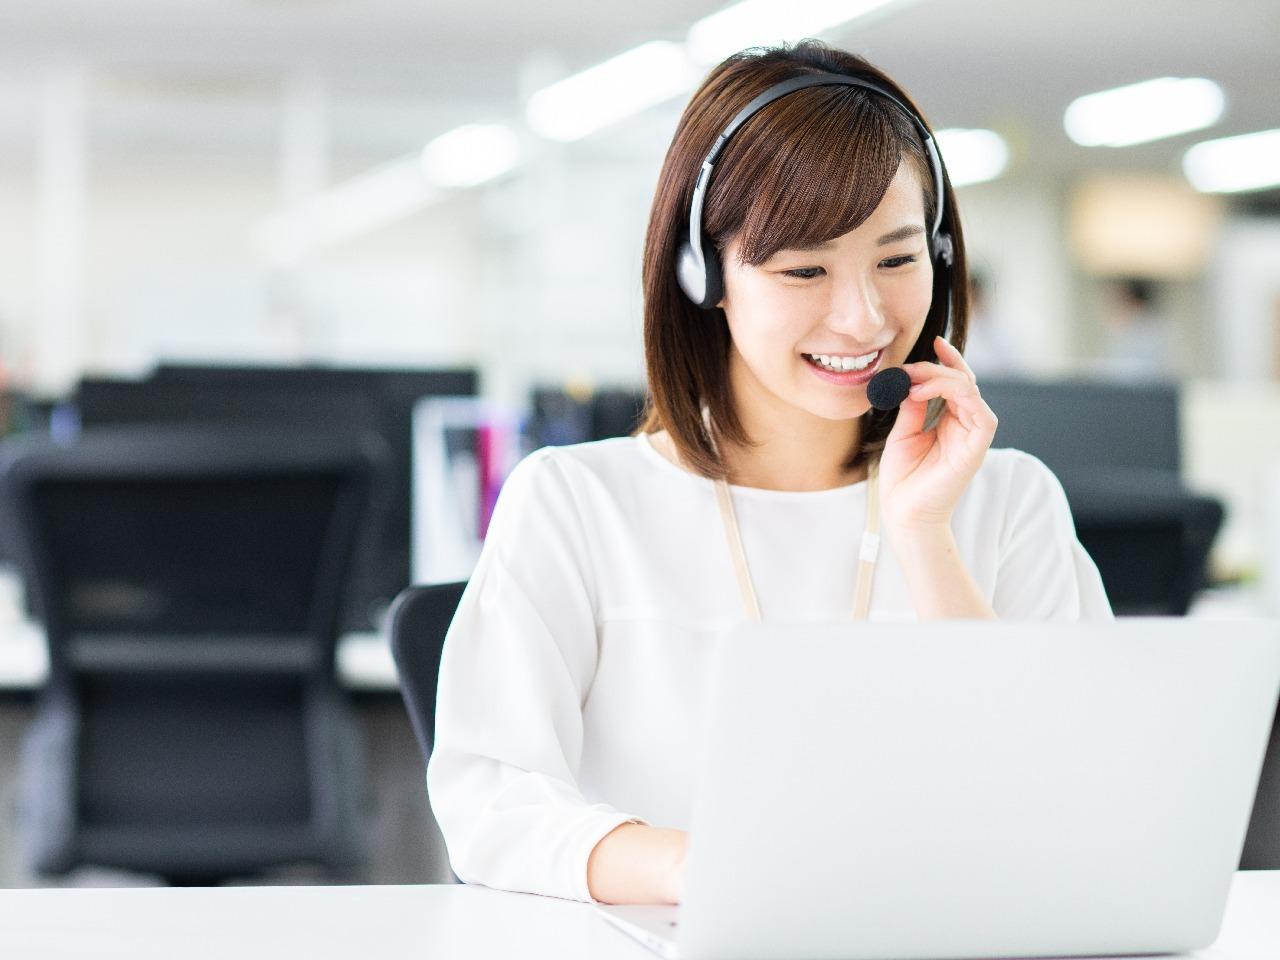 【正社員】WEB面接ツールに関するアドバイザー/オープニングスタッフ募集♪